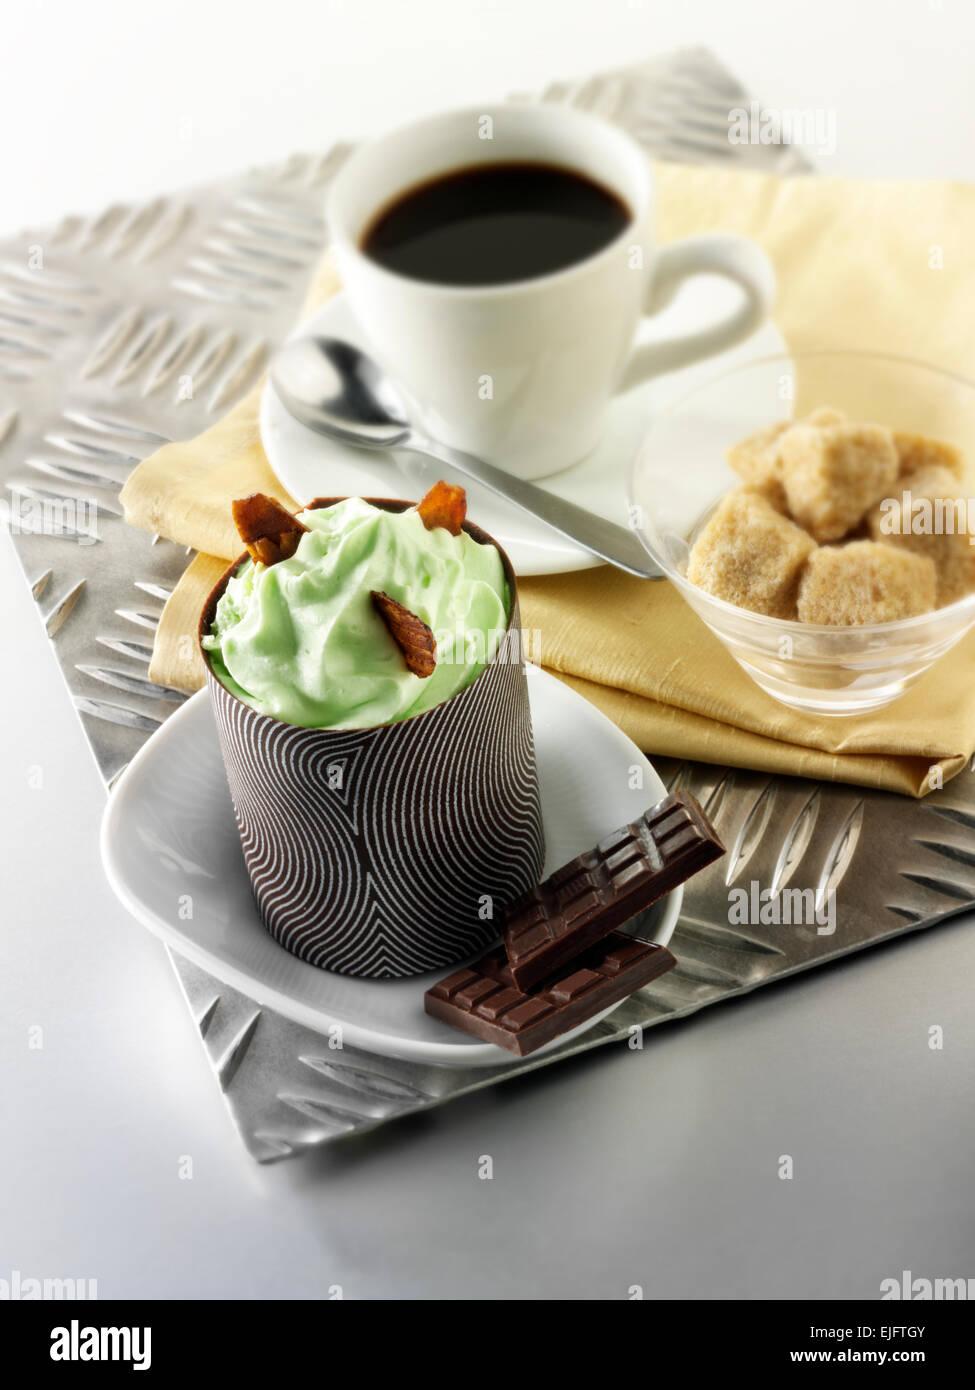 Gâteau mousse menthe chocolat décoré dans un cas avec du café Photo Stock